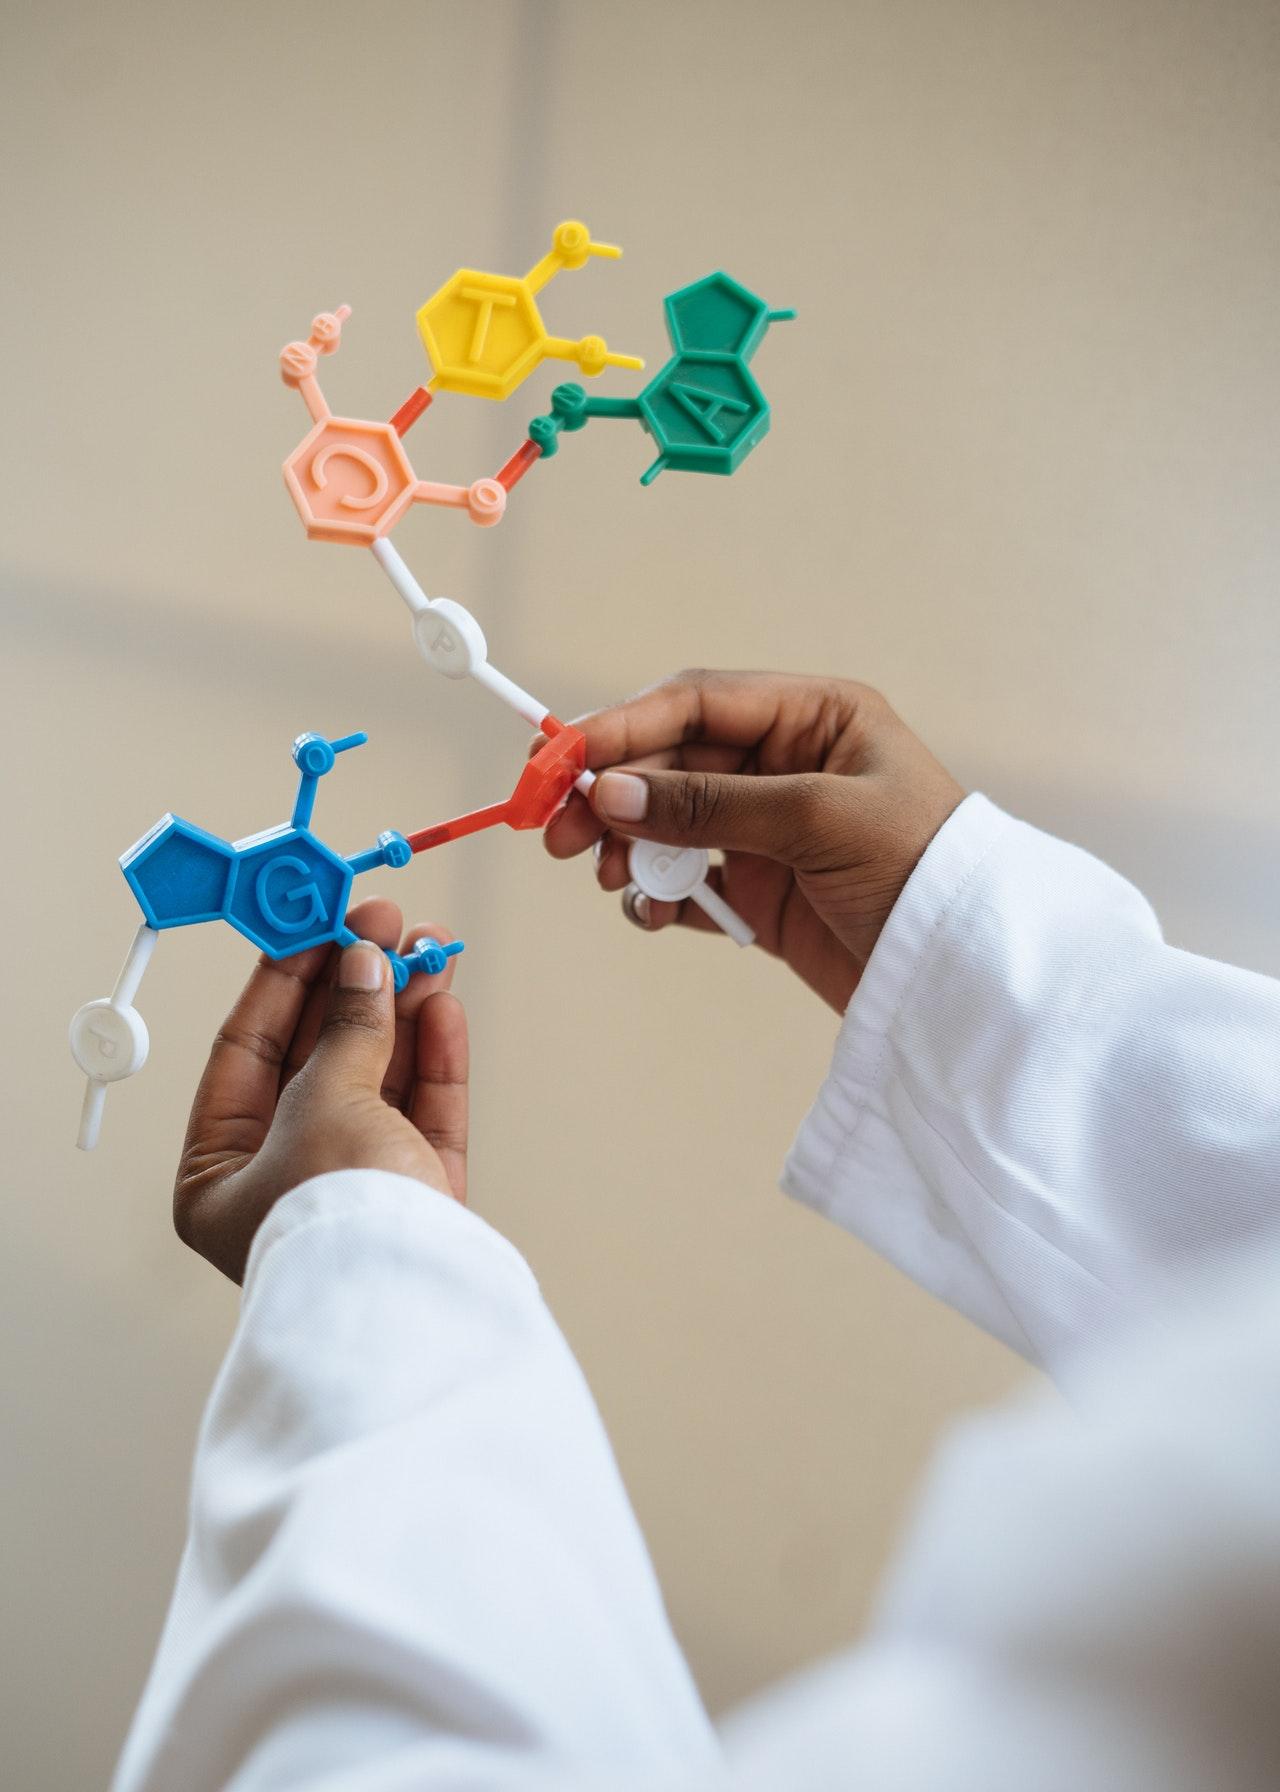 schemat cząsteczek chemicznych